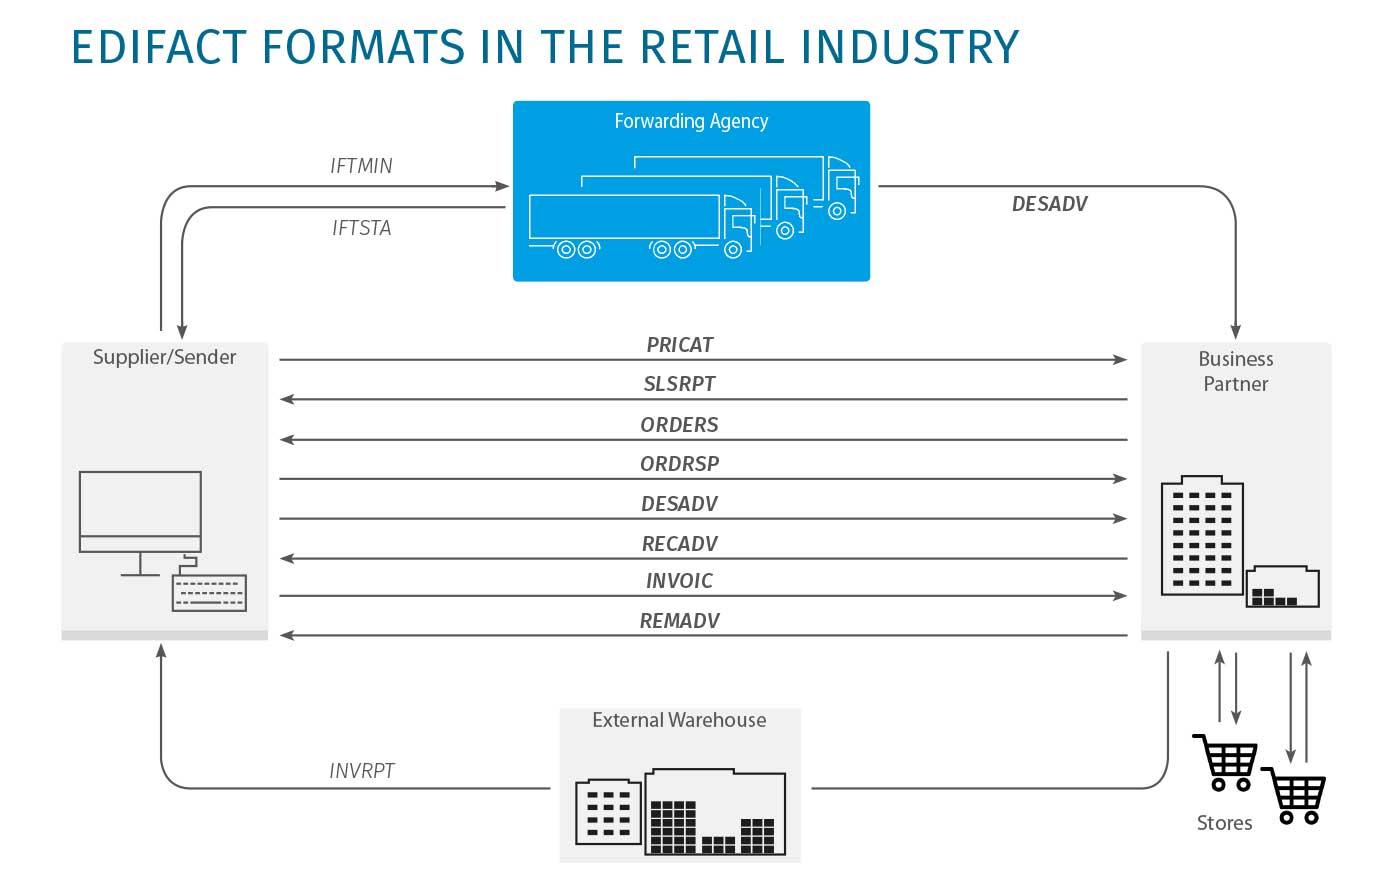 Softzoll-EDI-in-Retail